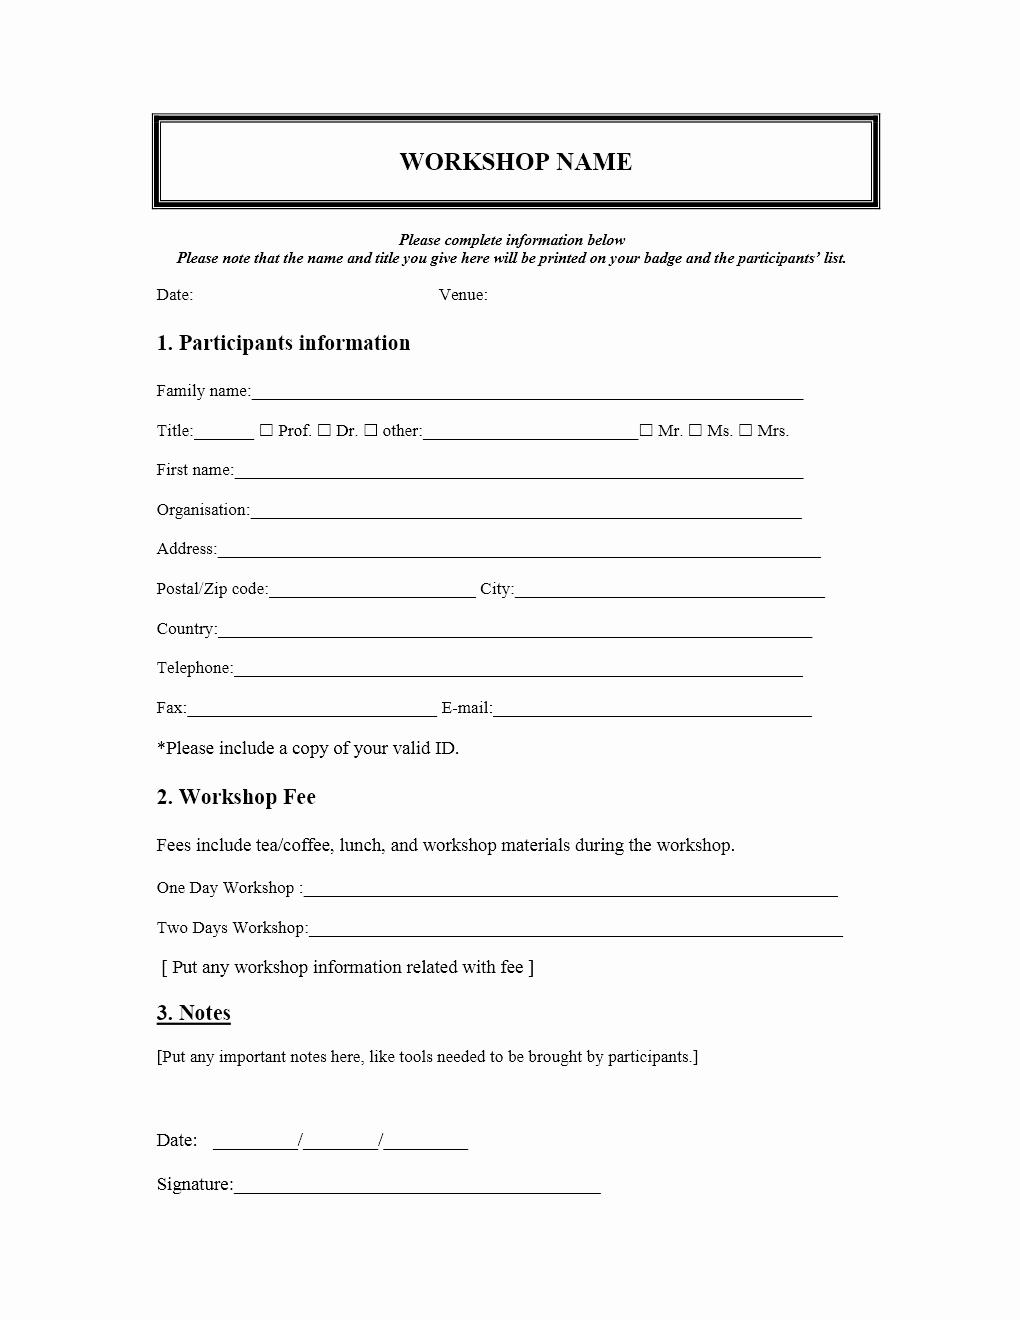 Free Registration forms Template Fresh Workshop Registration form